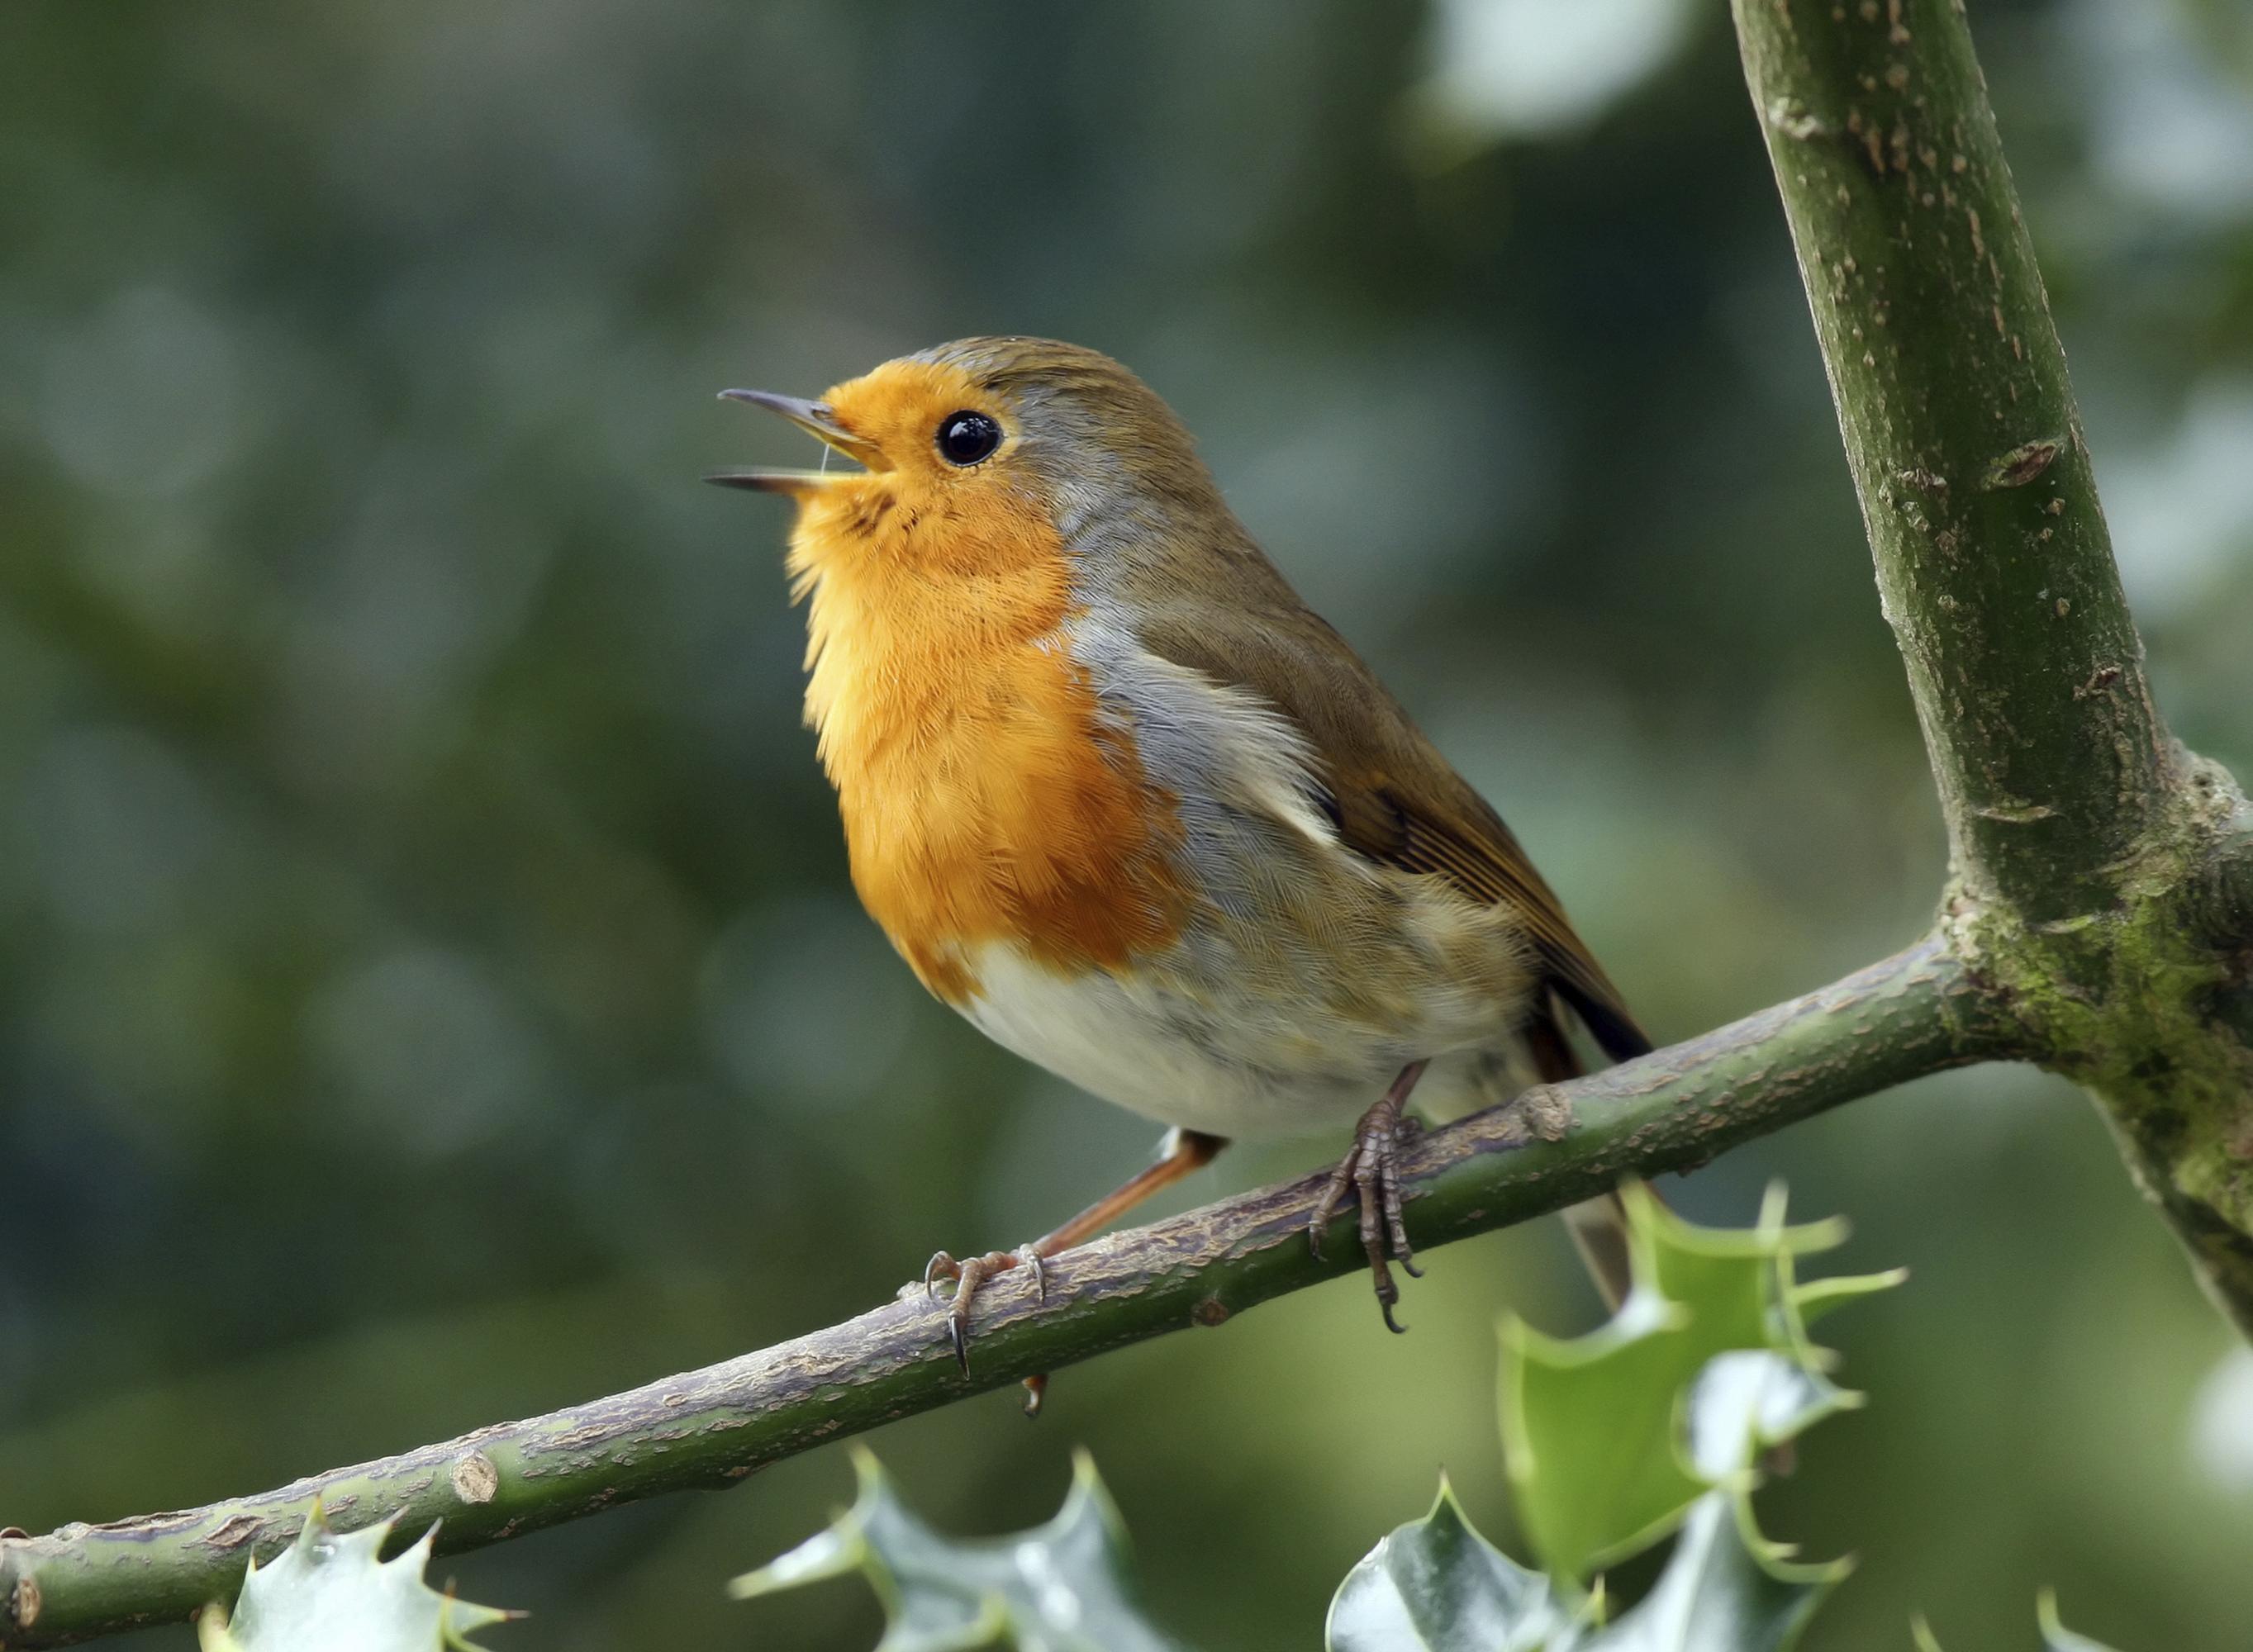 Roodborsten zingen de hele winter door, zowel de mannetjes als de vrouwtjes